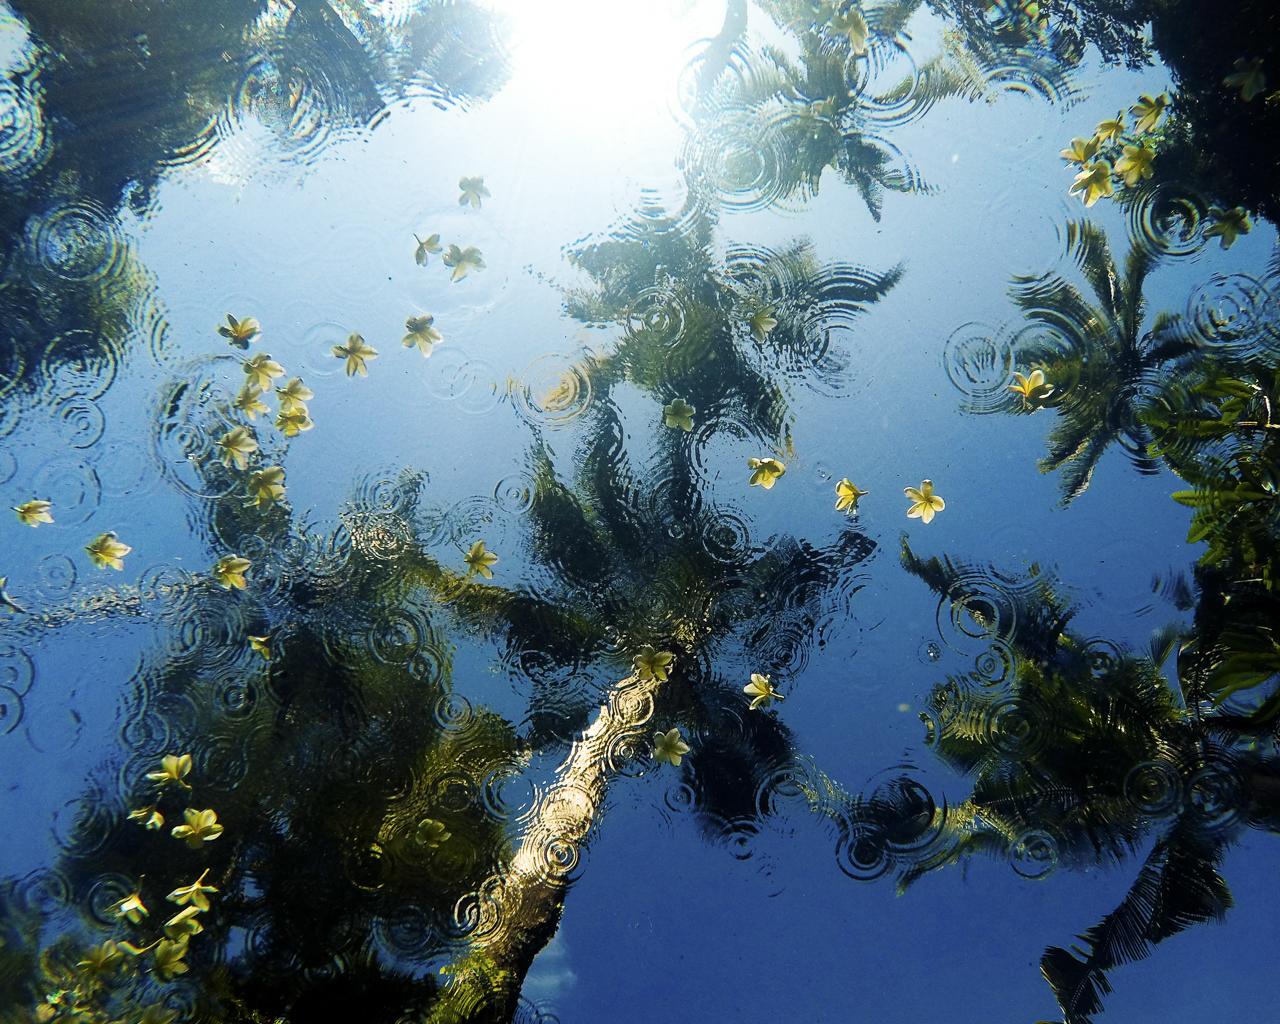 018_SarahLeePhoto_Landscape_Ocean_Photos_0016304.jpg